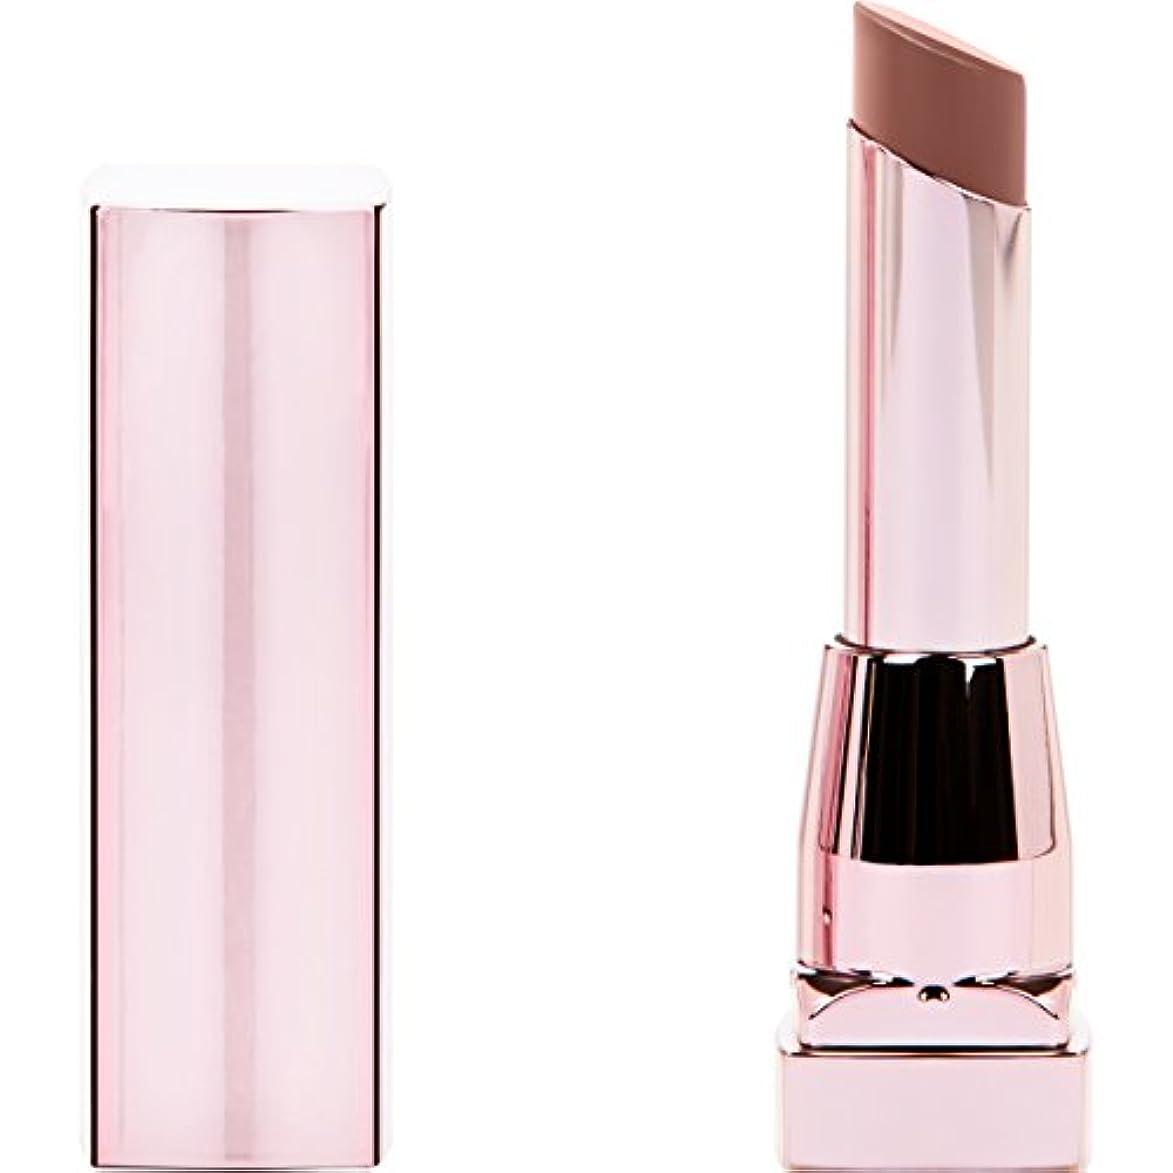 現金娘発表するMAYBELLINE Color Sensational Shine Compulsion Lipstick - Chocolate Lust 060 (並行輸入品)